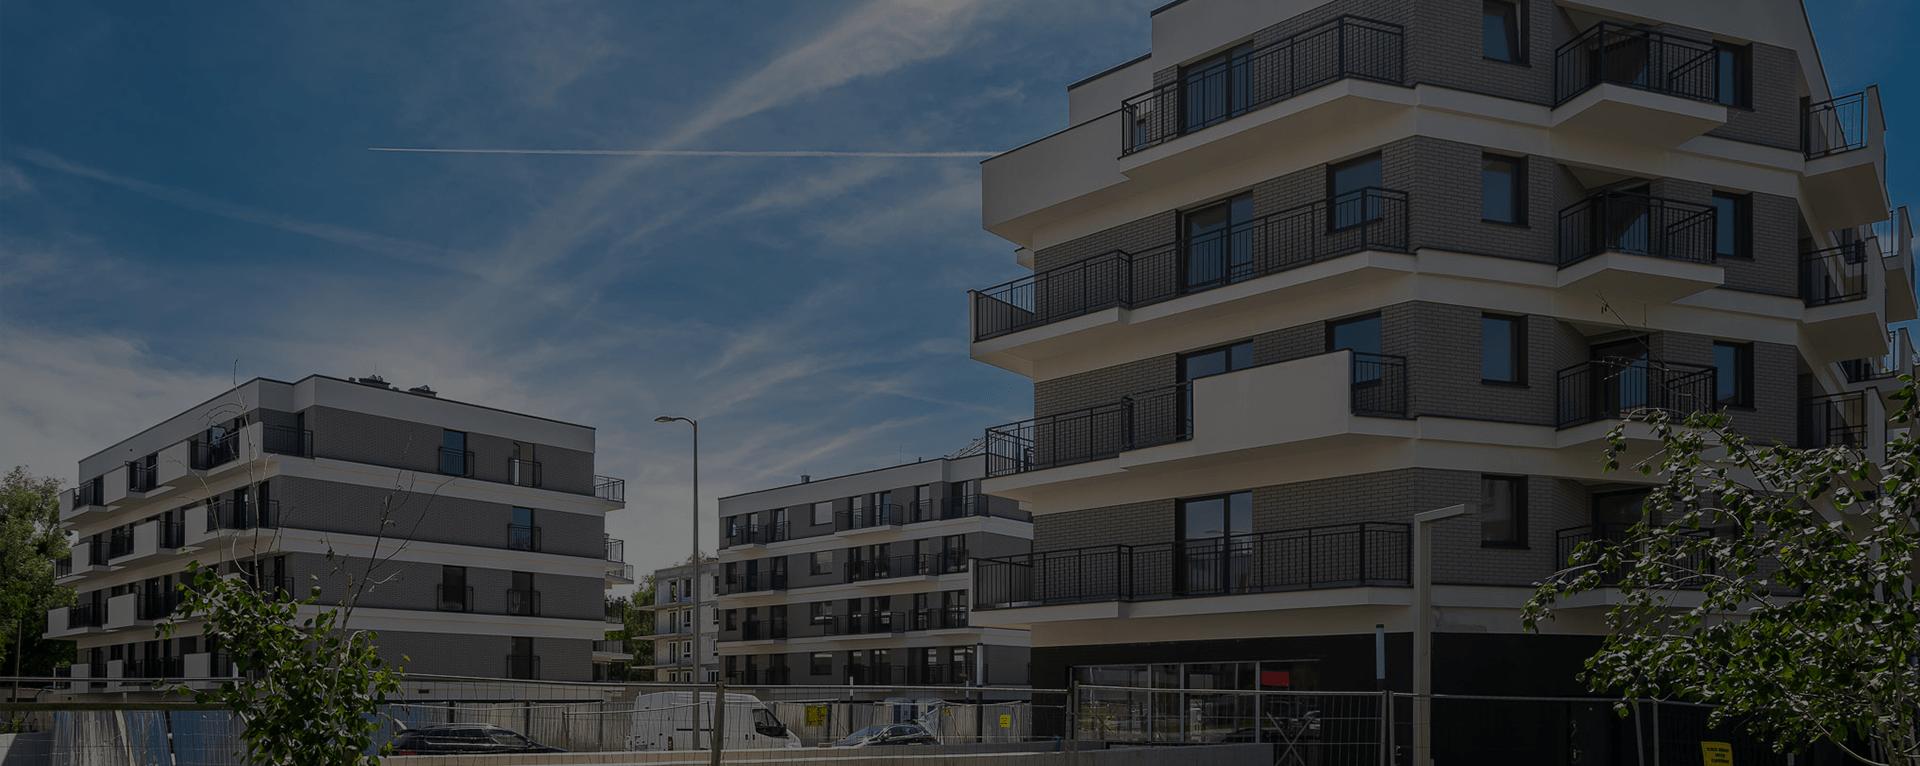 Osiedle Przystań - zakończenie prac budowlanych - 1